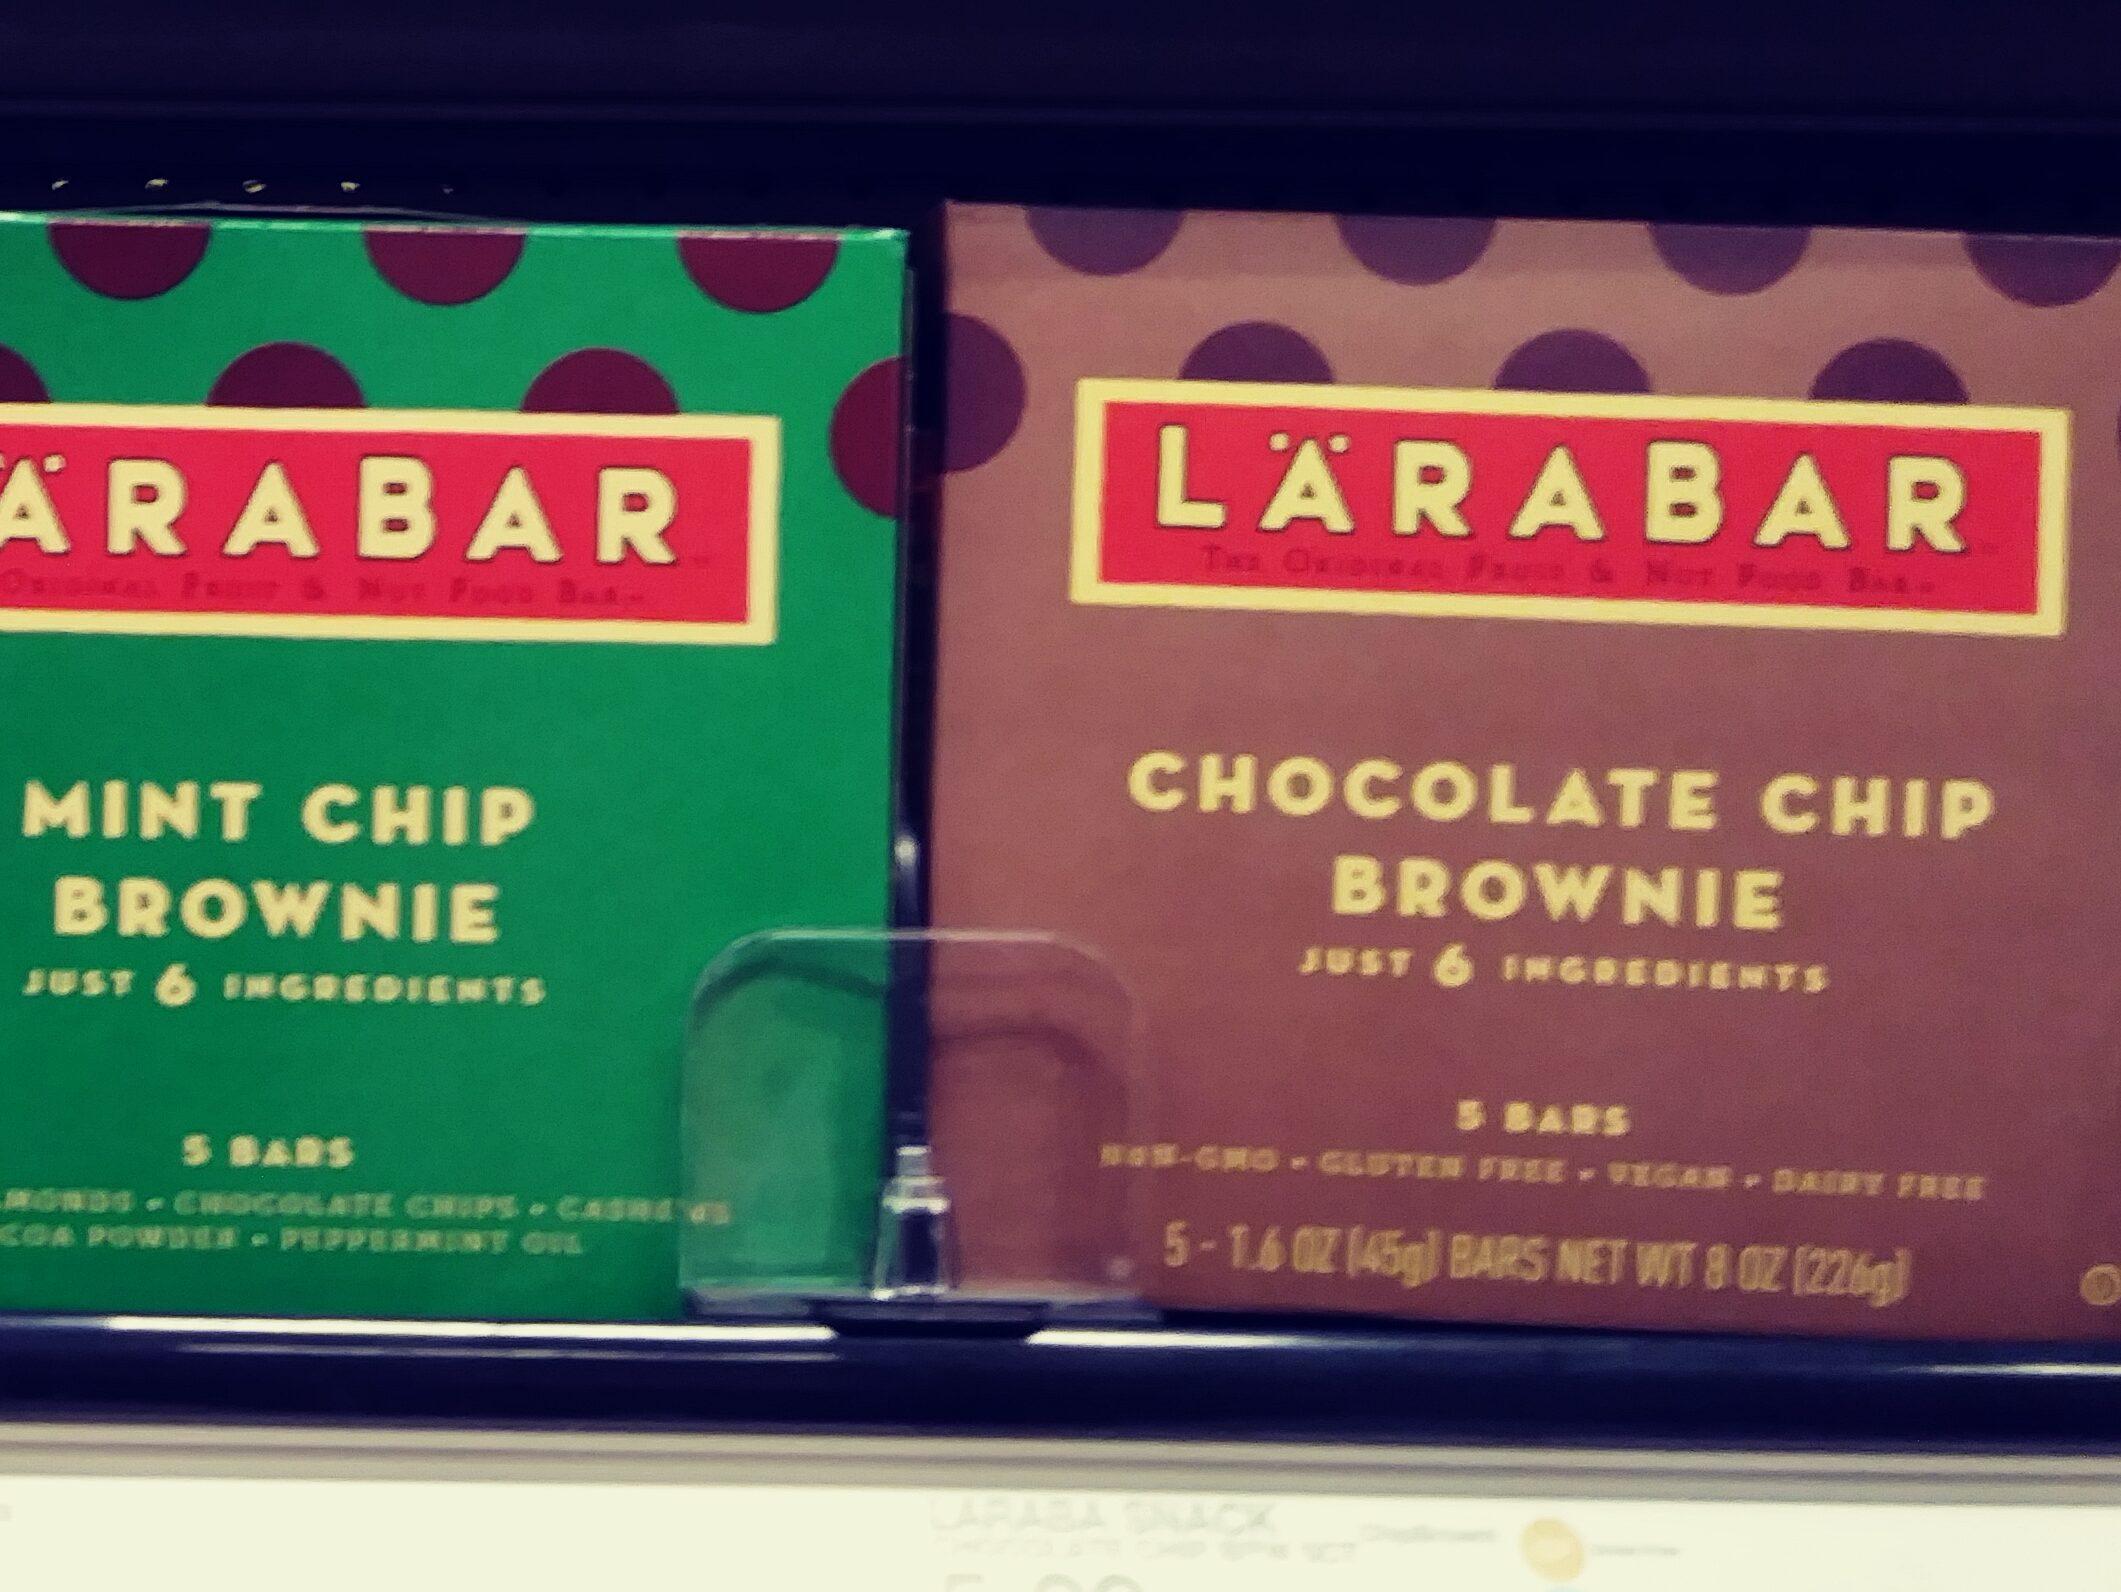 Larabars on store shelf